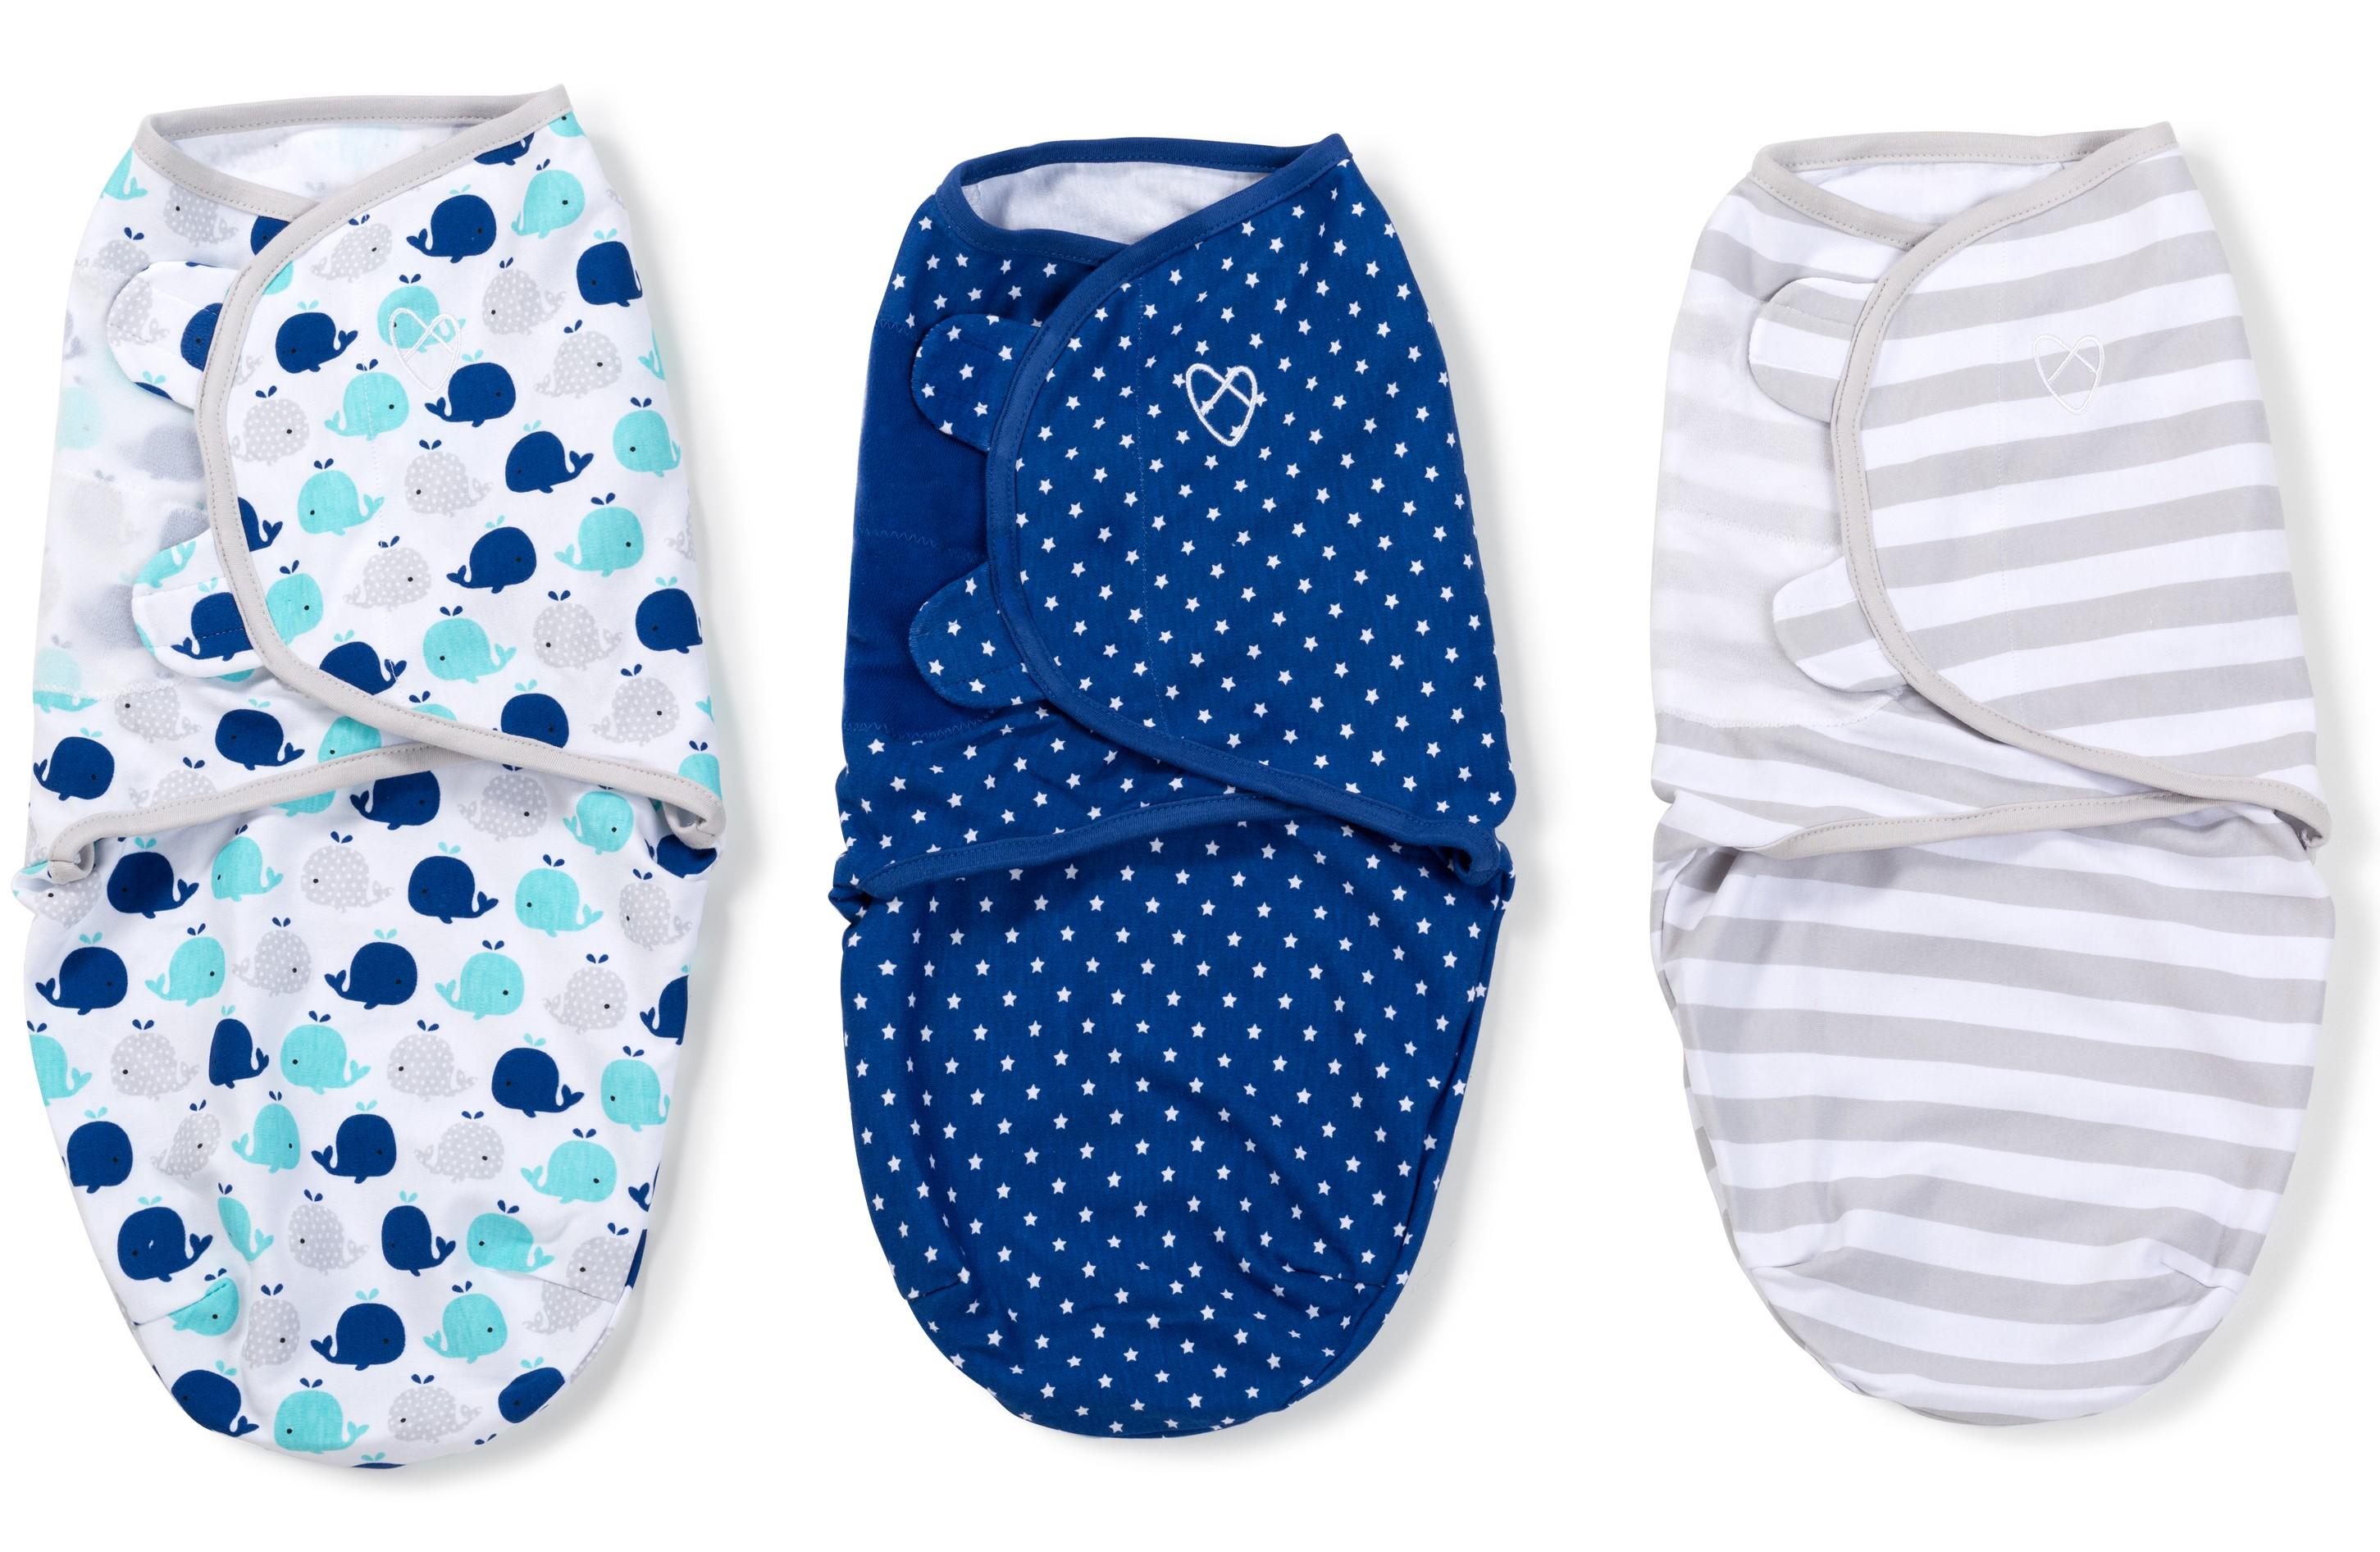 Summer Infant SwaddleMe zavinovačka sada 3ks modrá - velrybky, hvězdičky, proužky- Doprava zdarma velikost: S (3,2-6,4kg) od narození do cca 3 měsíců